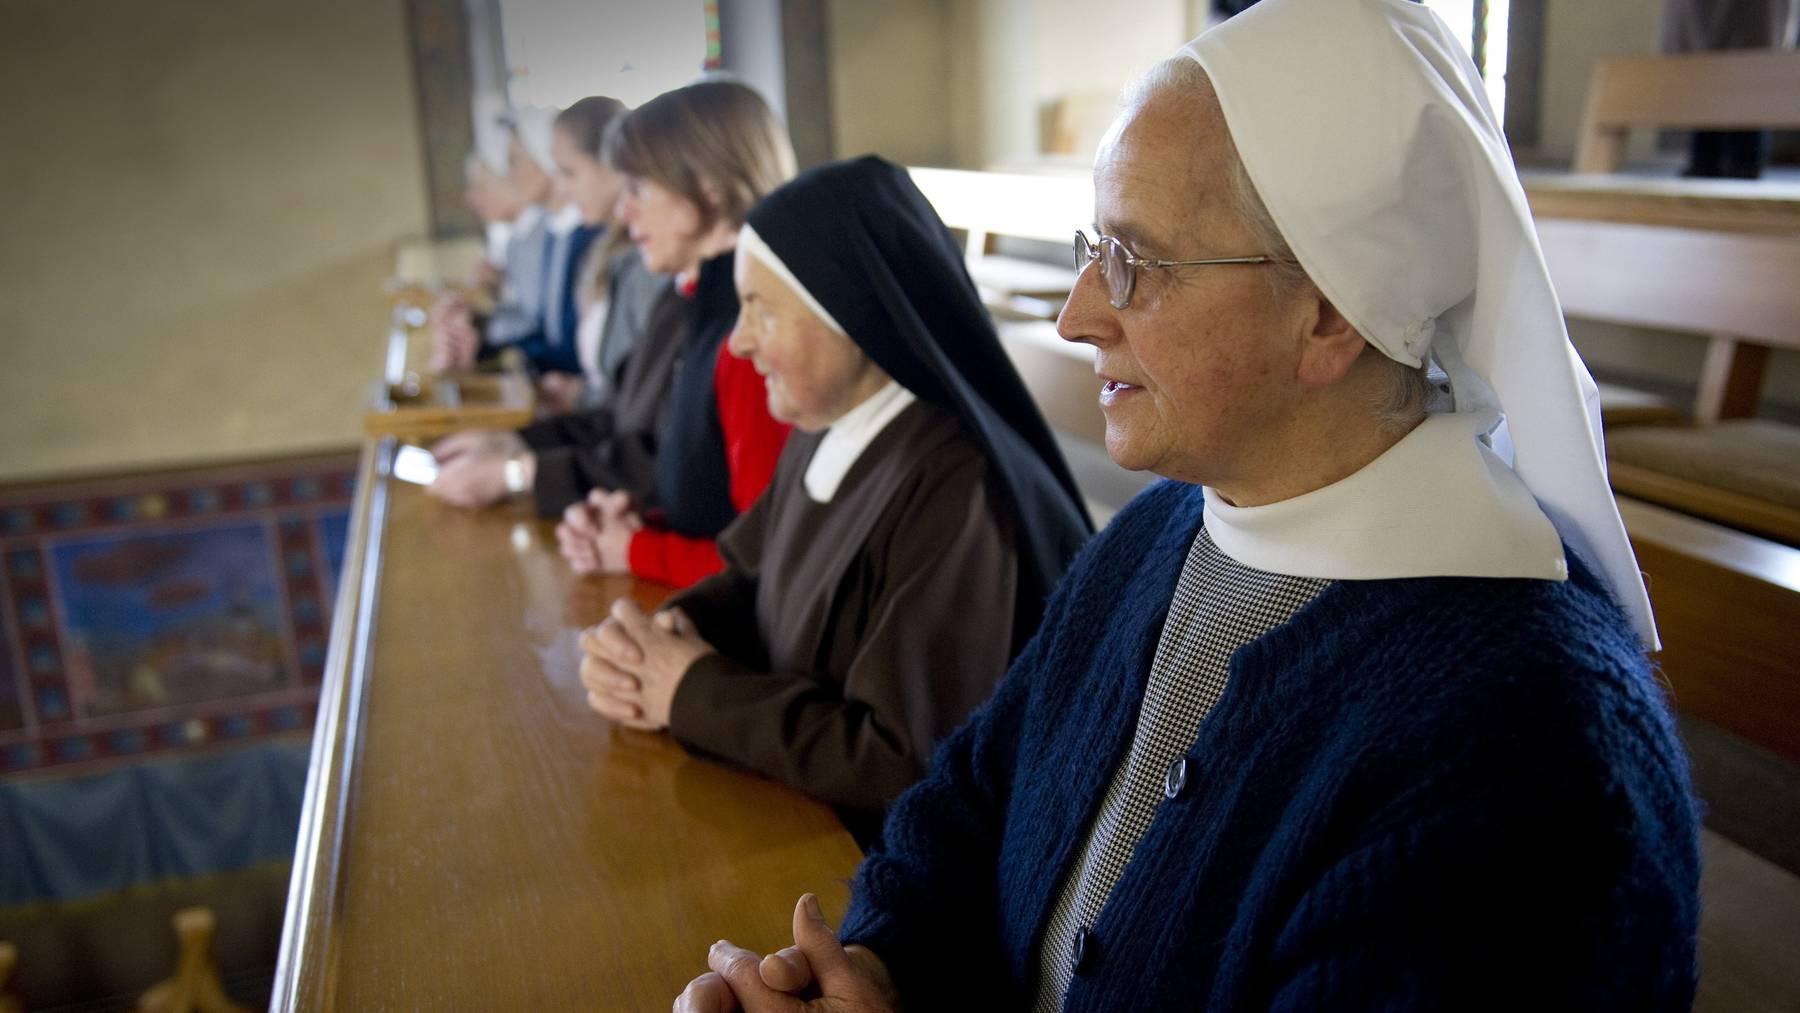 Die Schwestern im Kloster in Jakobsbad haben in der Fastenzeit mehr Zeit und Ruhe, unter anderem auch, um zu beten.